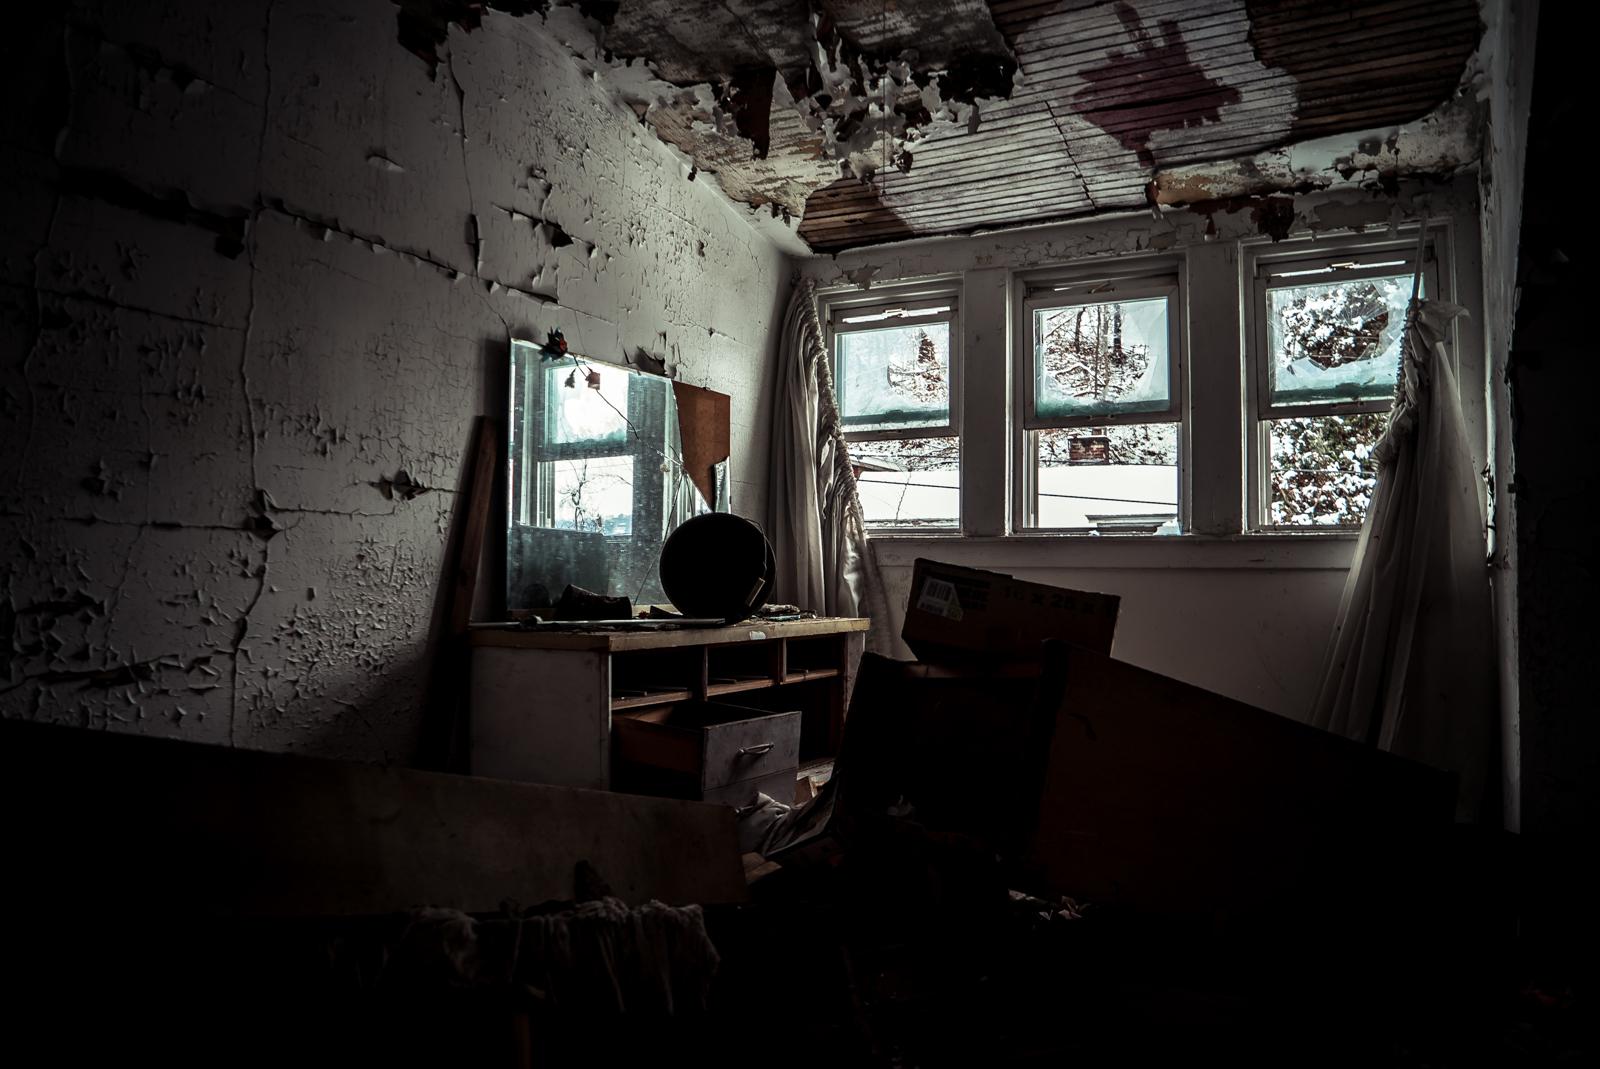 lincoln way, clairton, desaparecimento, urbex, exploração urbana, abandonado, mistério